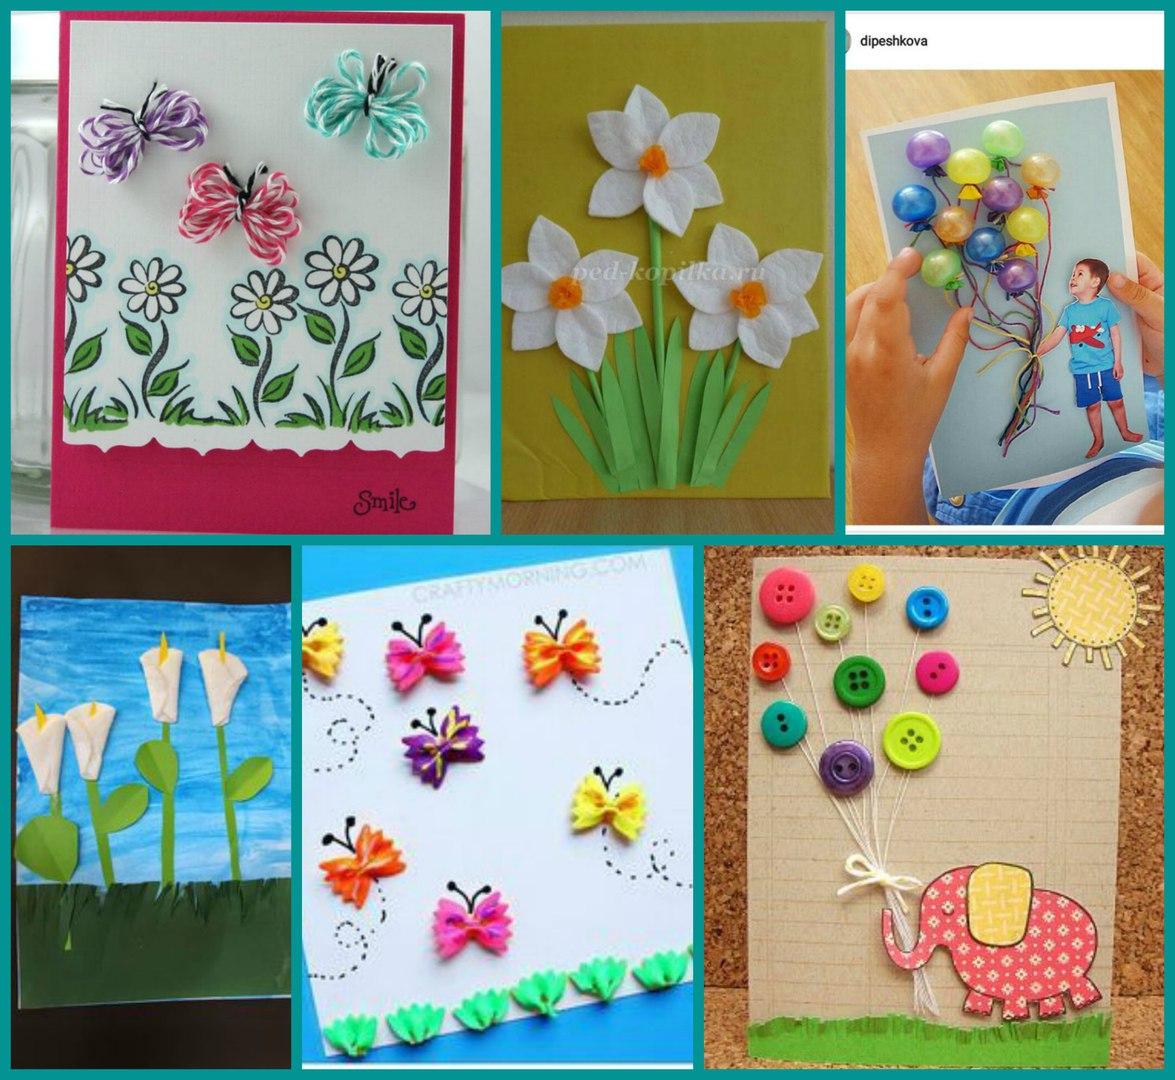 mRx-lQvtKPo Как сделать красивые открытки на 8 Марта своими руками: фото, видео